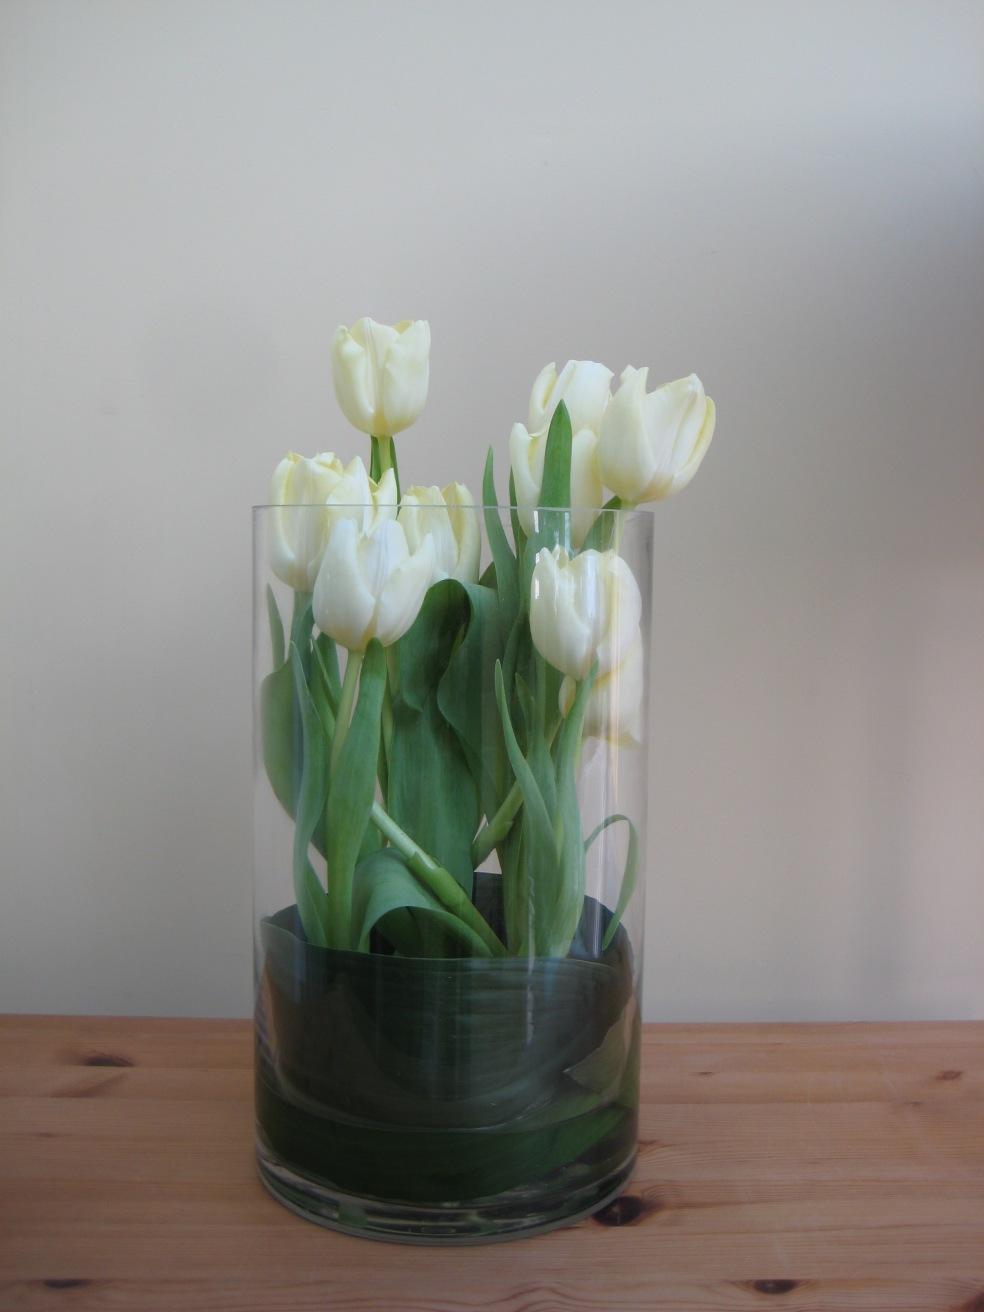 tulipcylinder